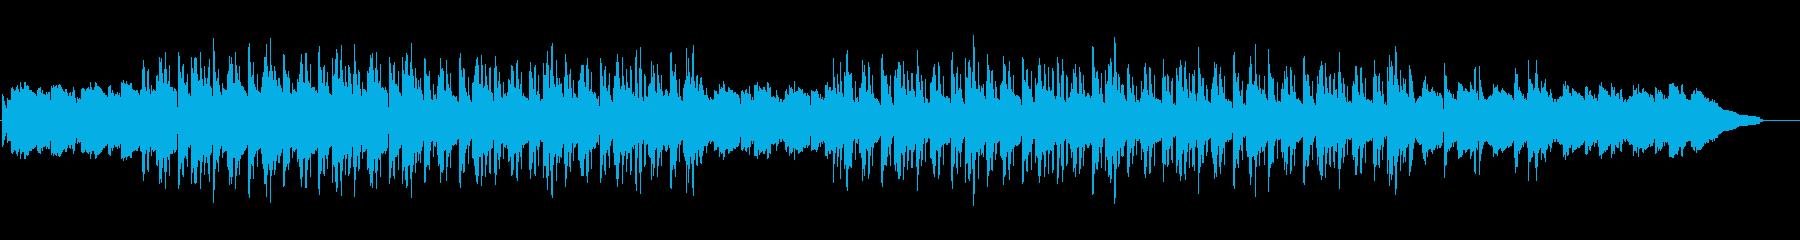 かわいらしいChill・HIPHOPの再生済みの波形